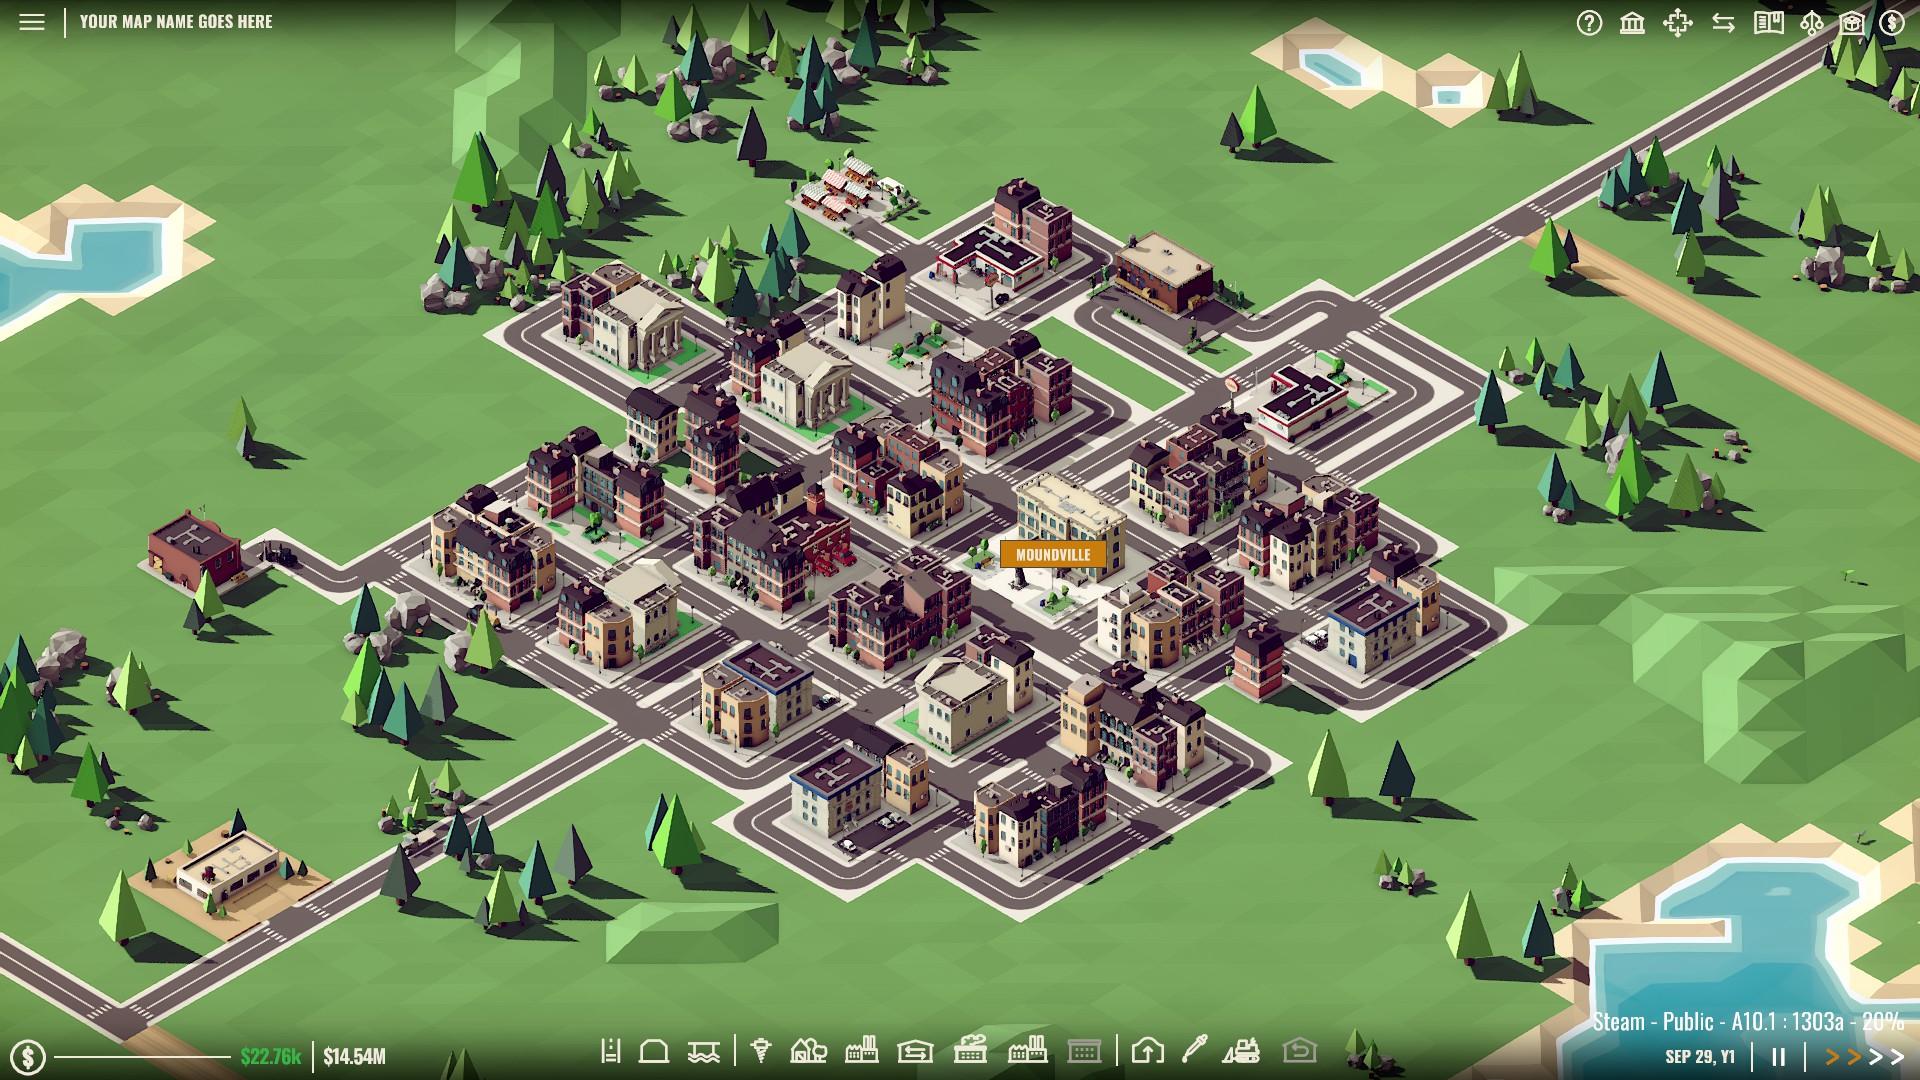 Скриншот к игре Rise of Industry v.2.3.11301a [GOG] (2019) скачать торрент Лицензия